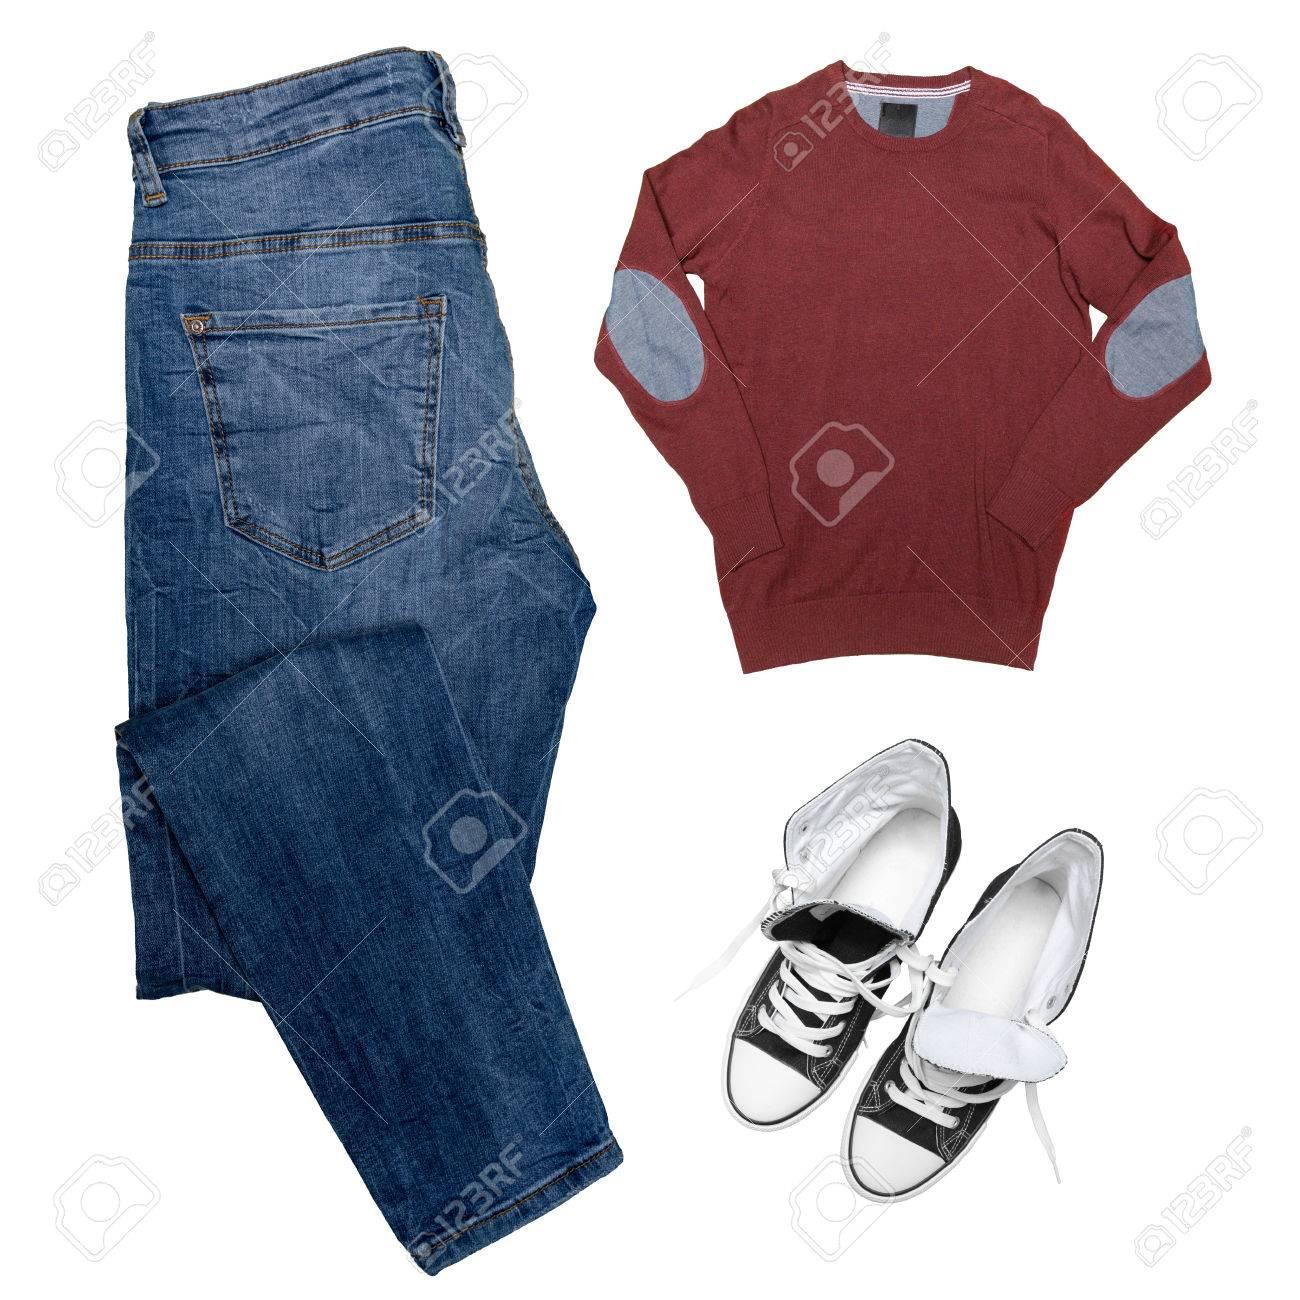 964781f055 Colección de ropa masculina aislados en blanco Foto de archivo - 76851545